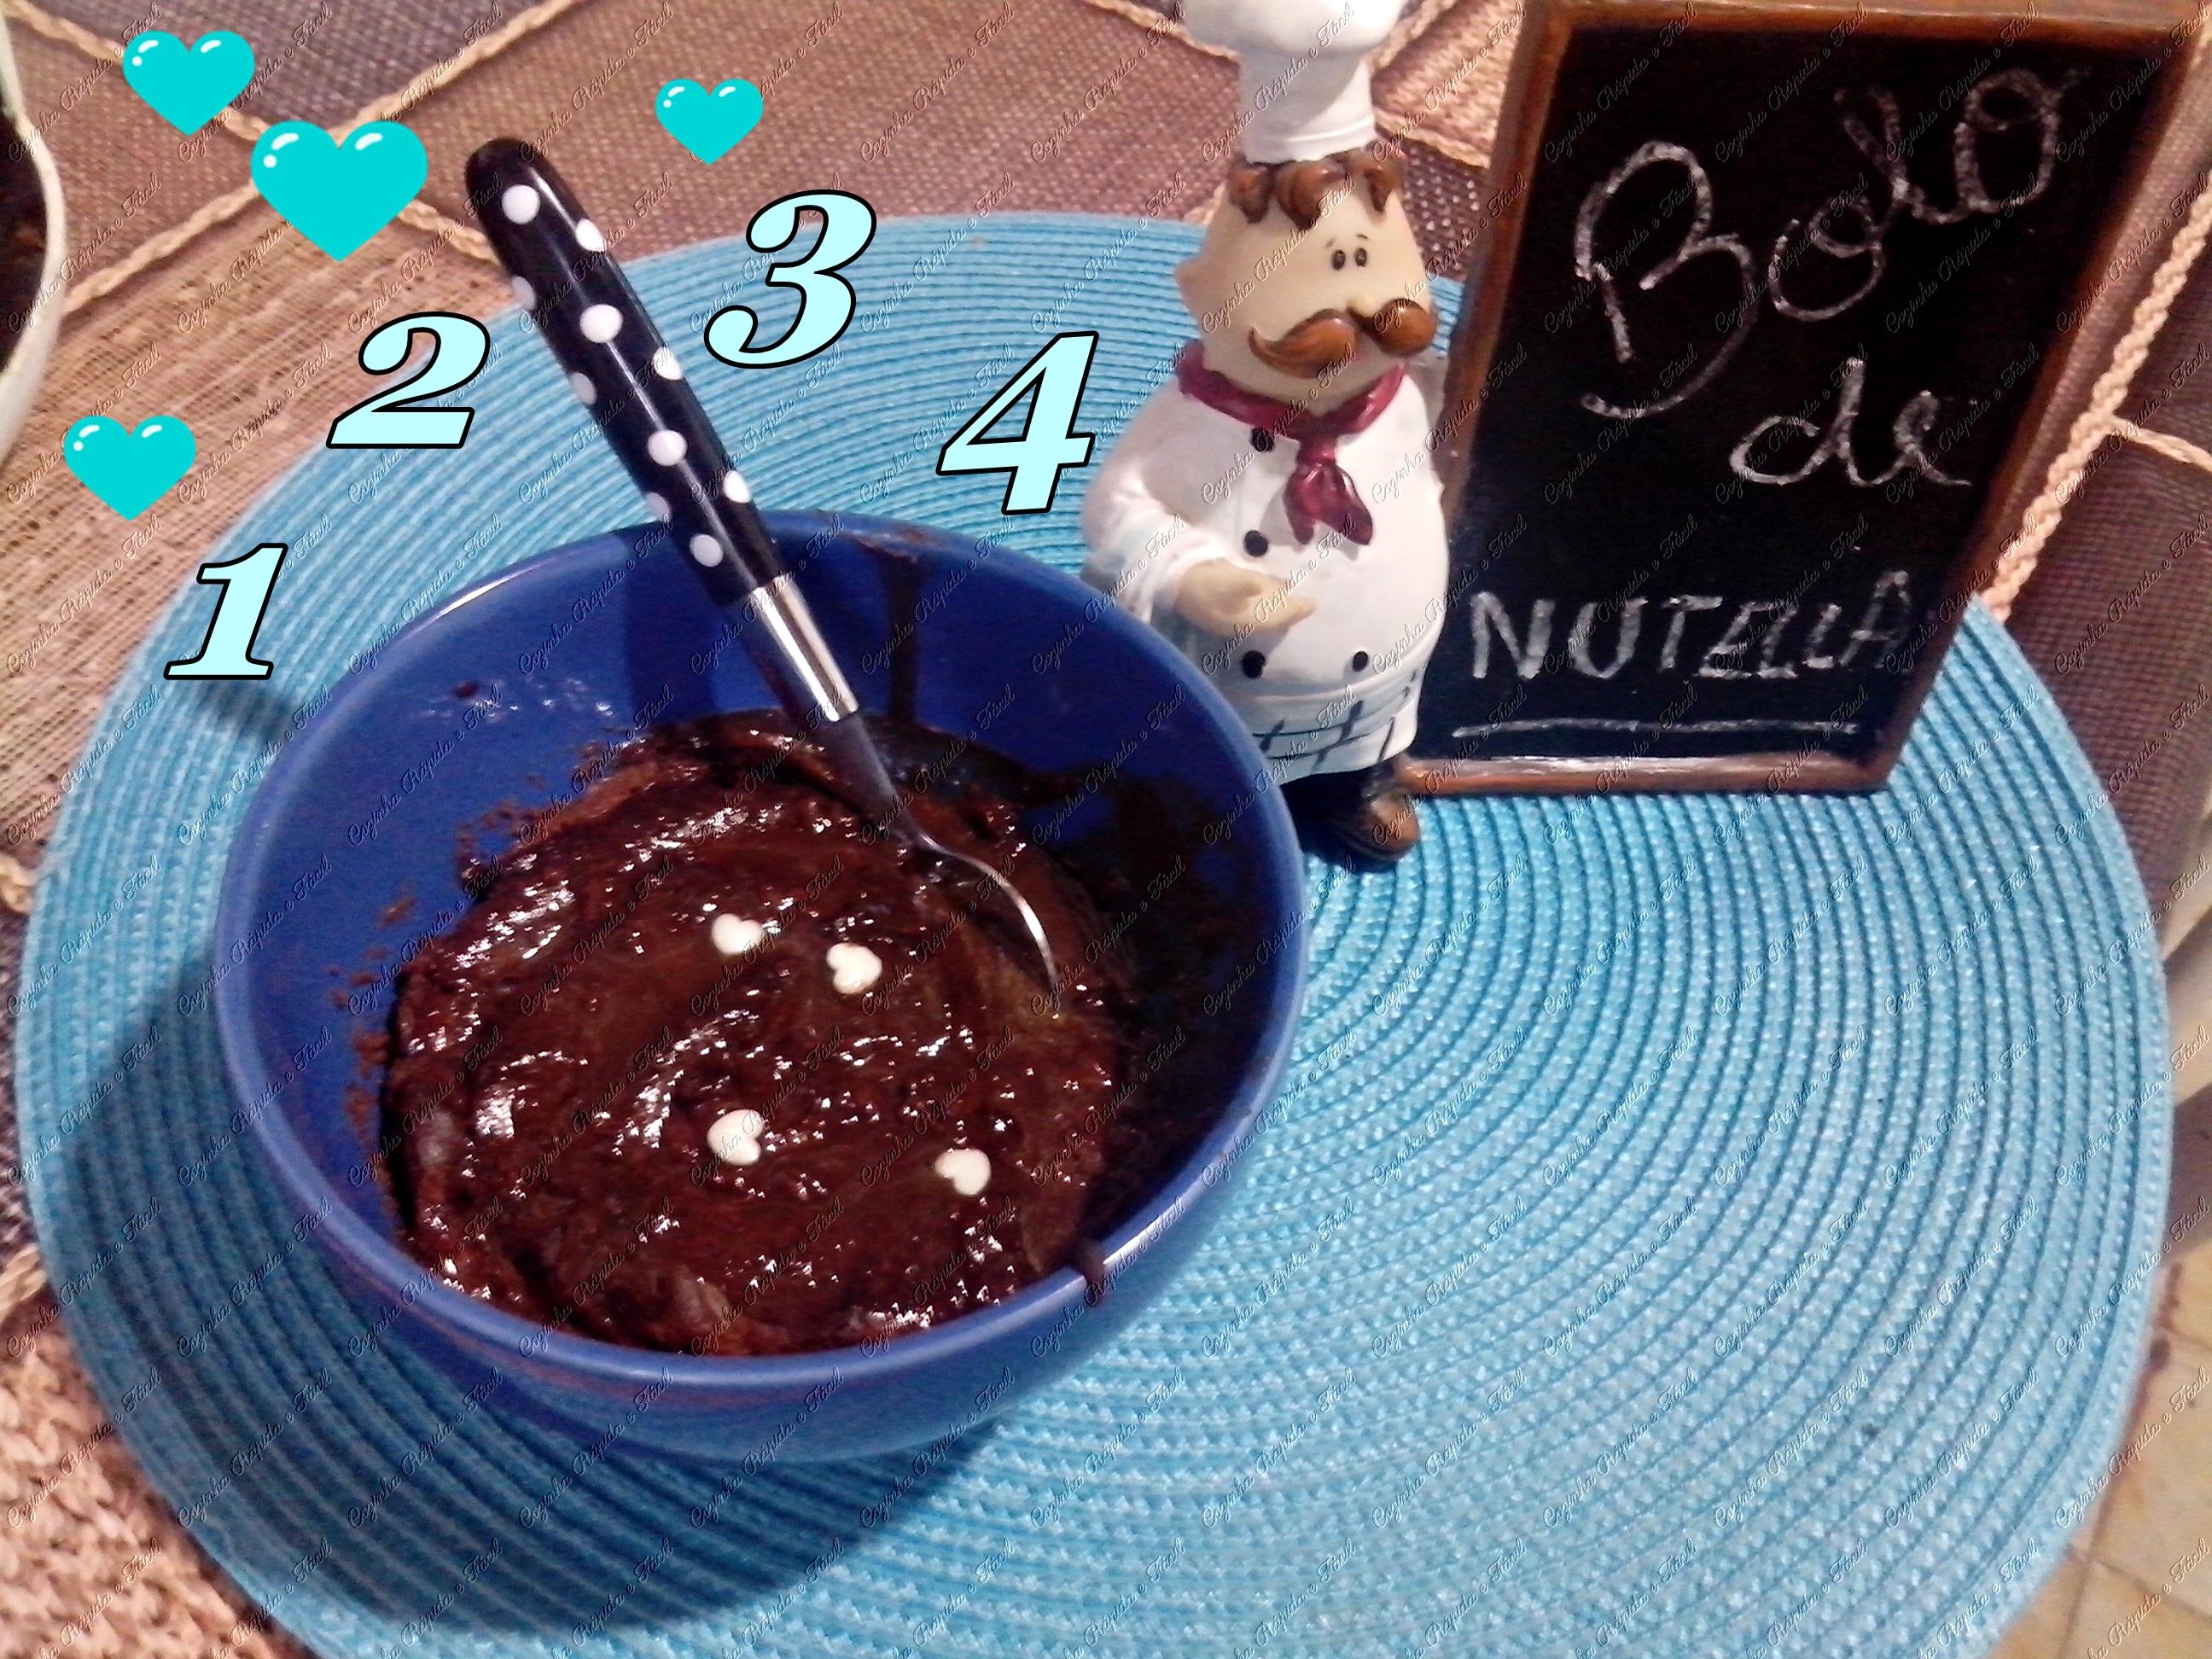 bolo de nutella 1 2 3 4